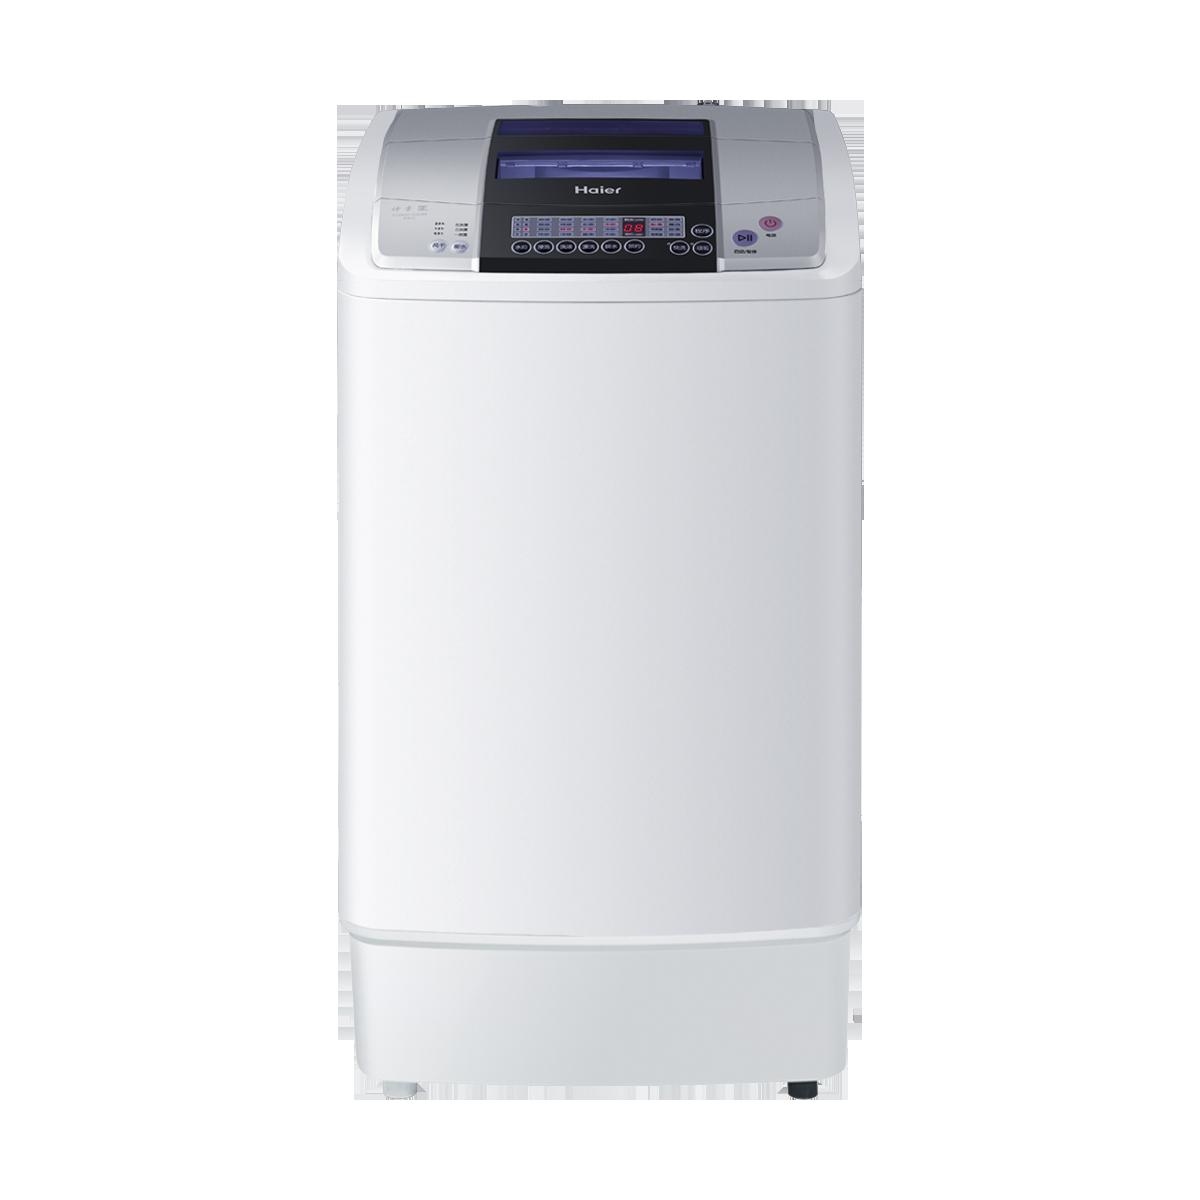 海尔Haier洗衣机 XQB60-S9288A 说明书